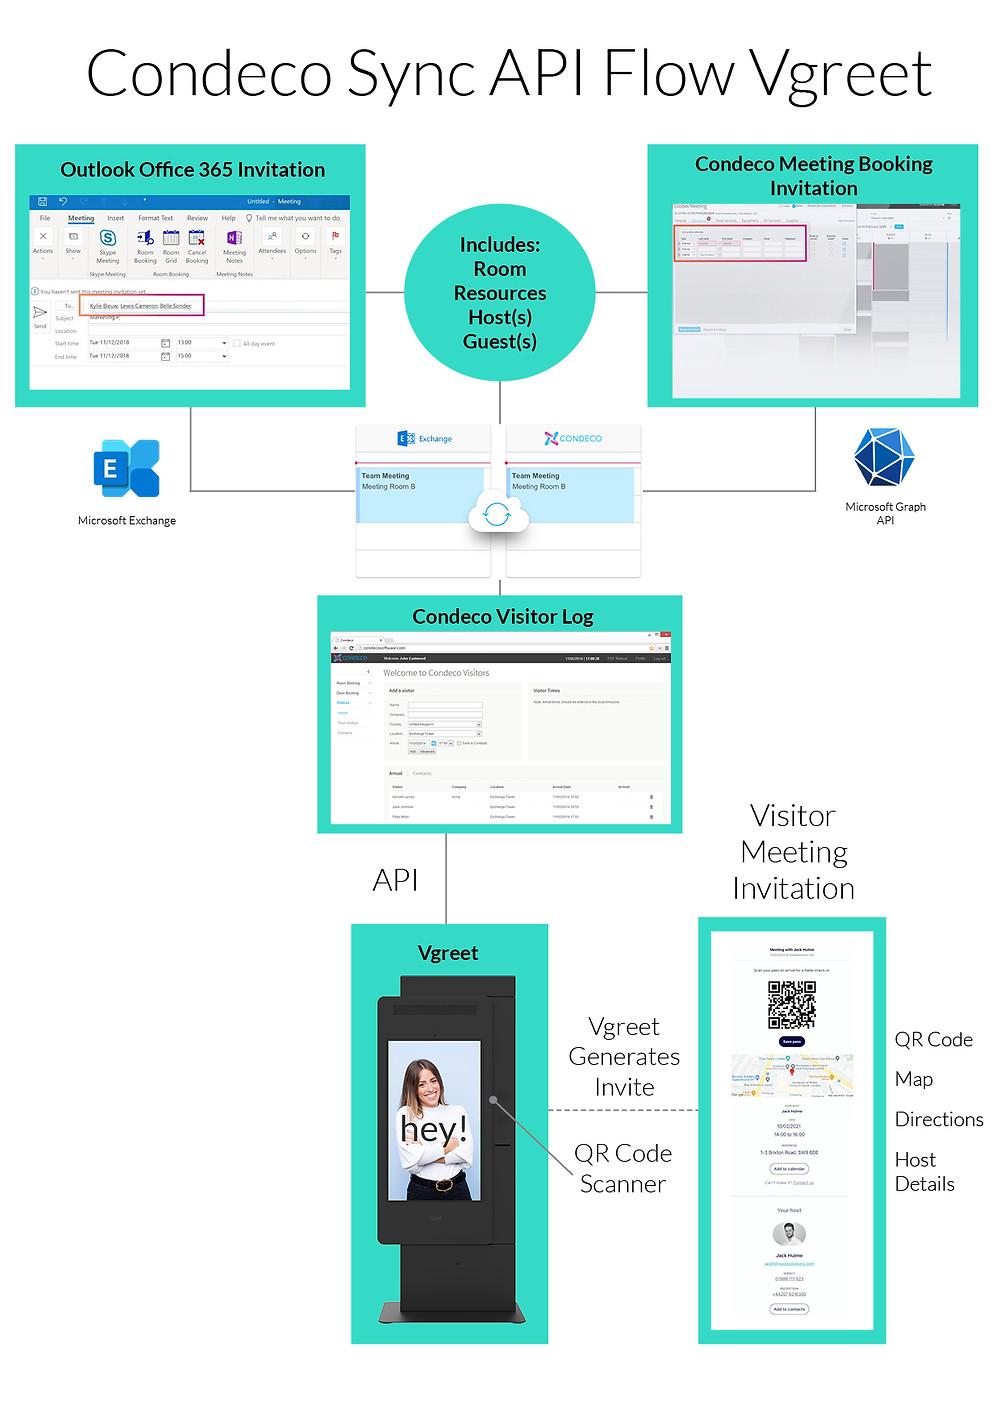 condeco-exchange-sync-API-flow